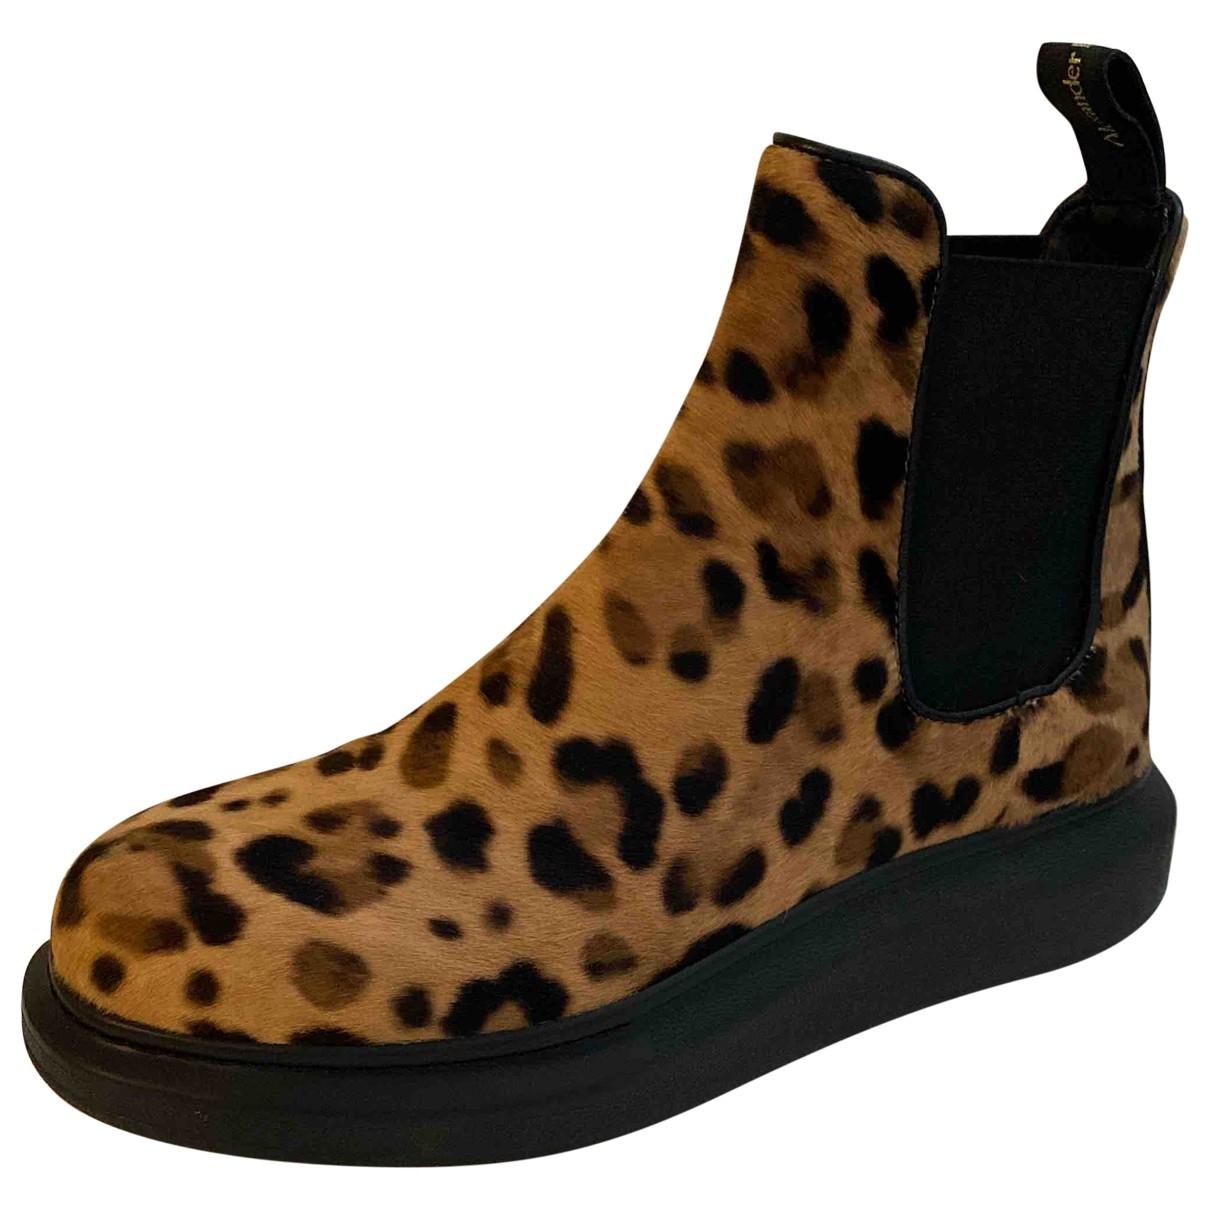 Alexander Mcqueen - Boots   pour femme en veau facon poulain - multicolore